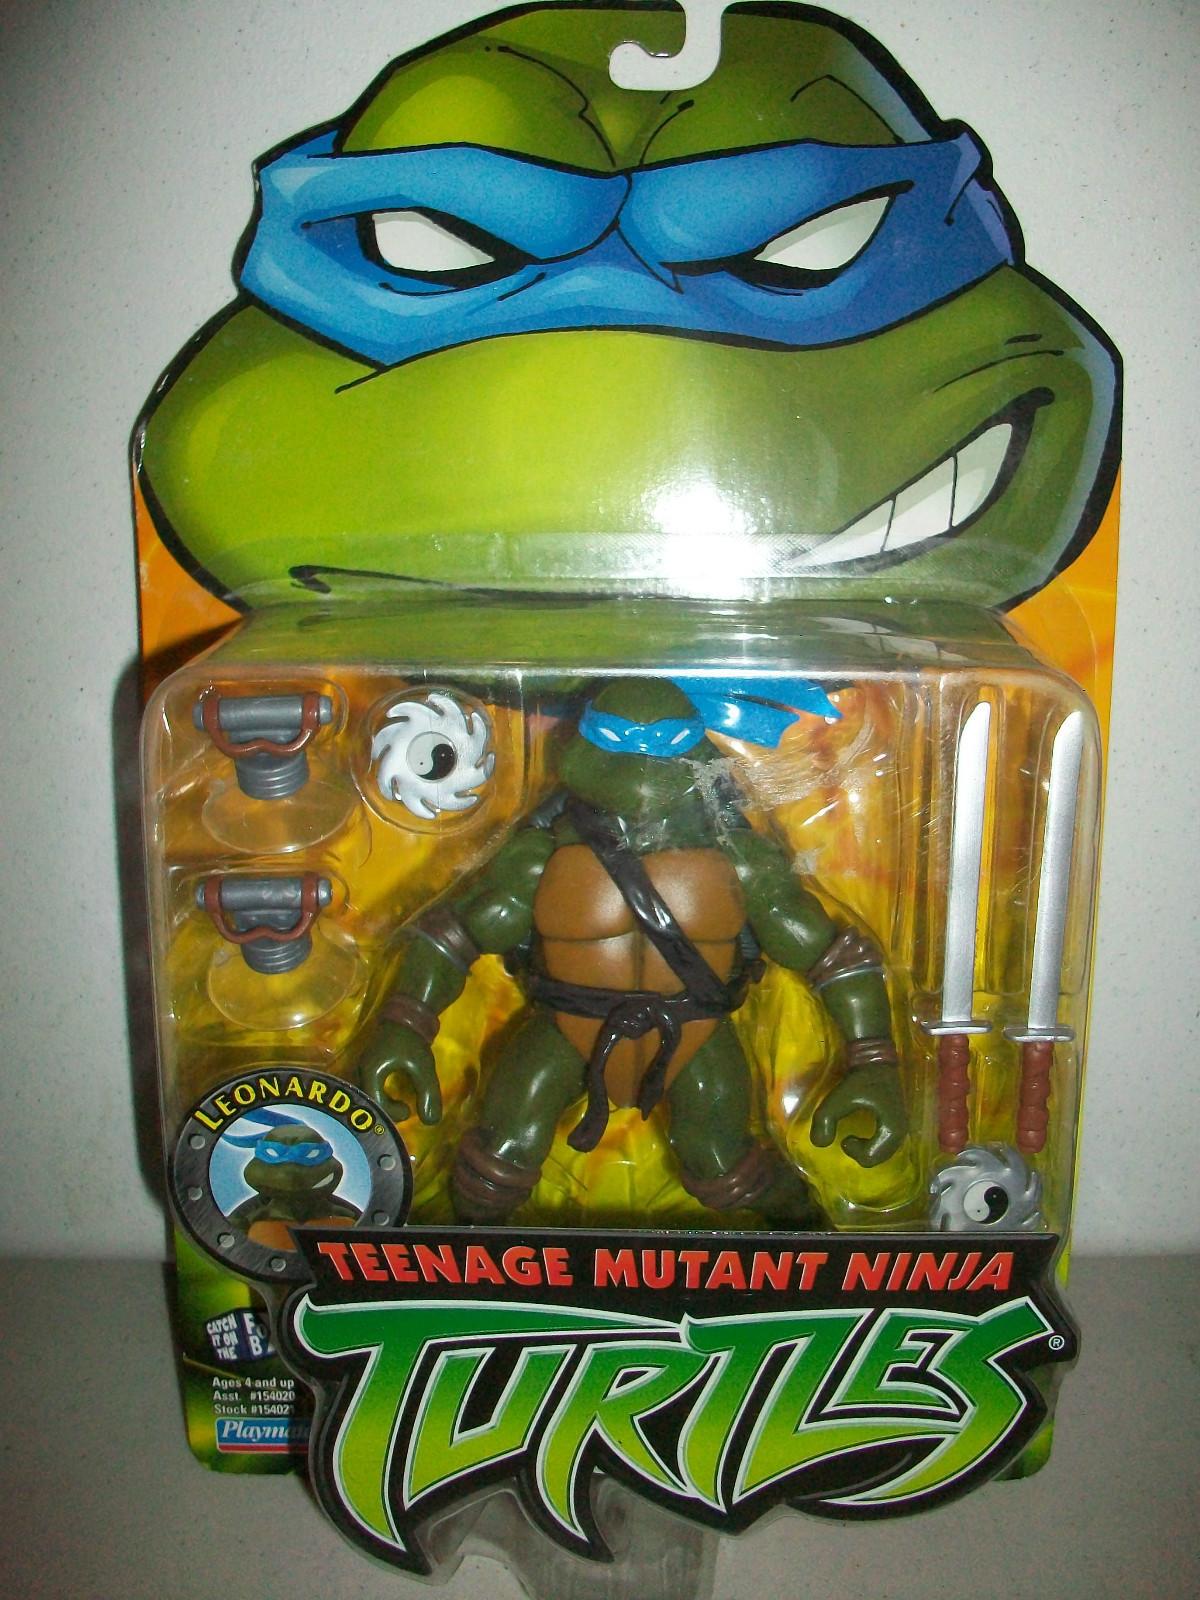 Leonardo (2003 action figure)